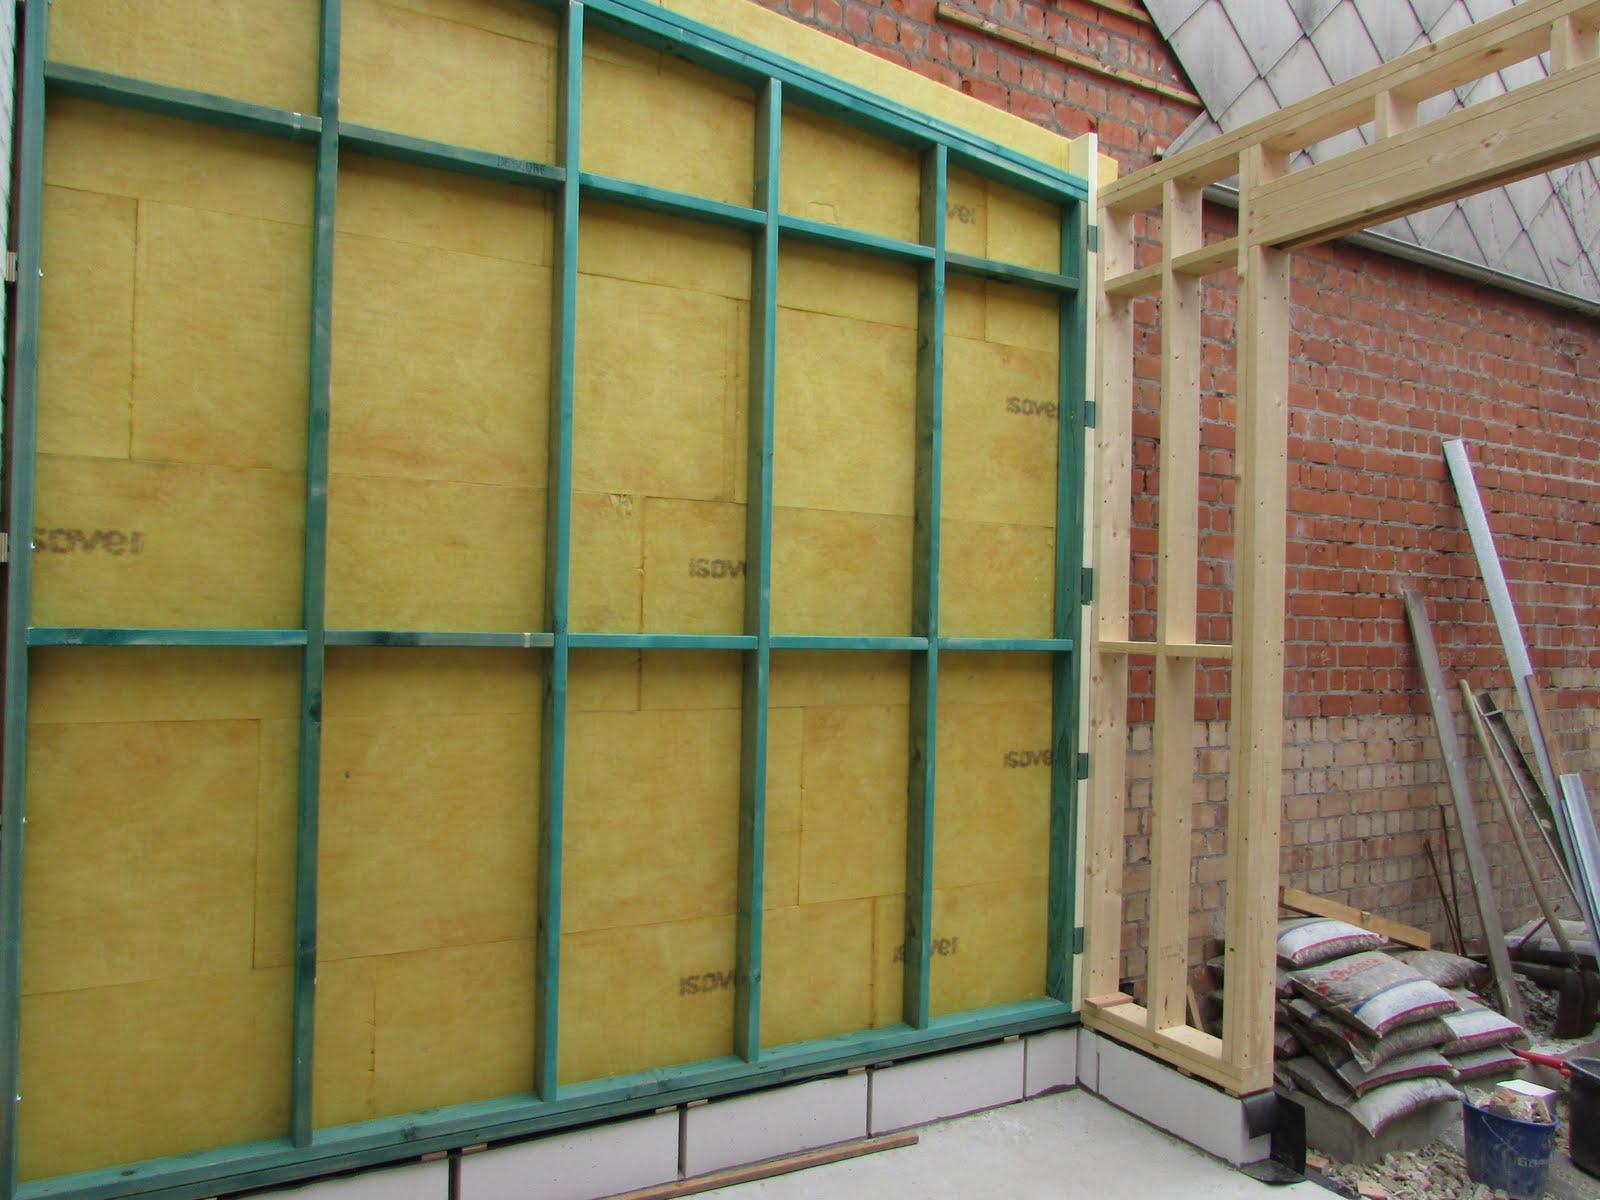 Verbouwing van ons ouderlijk huis ruwbouw uitbreiding 28 - Stenen huis uitbreiding ...